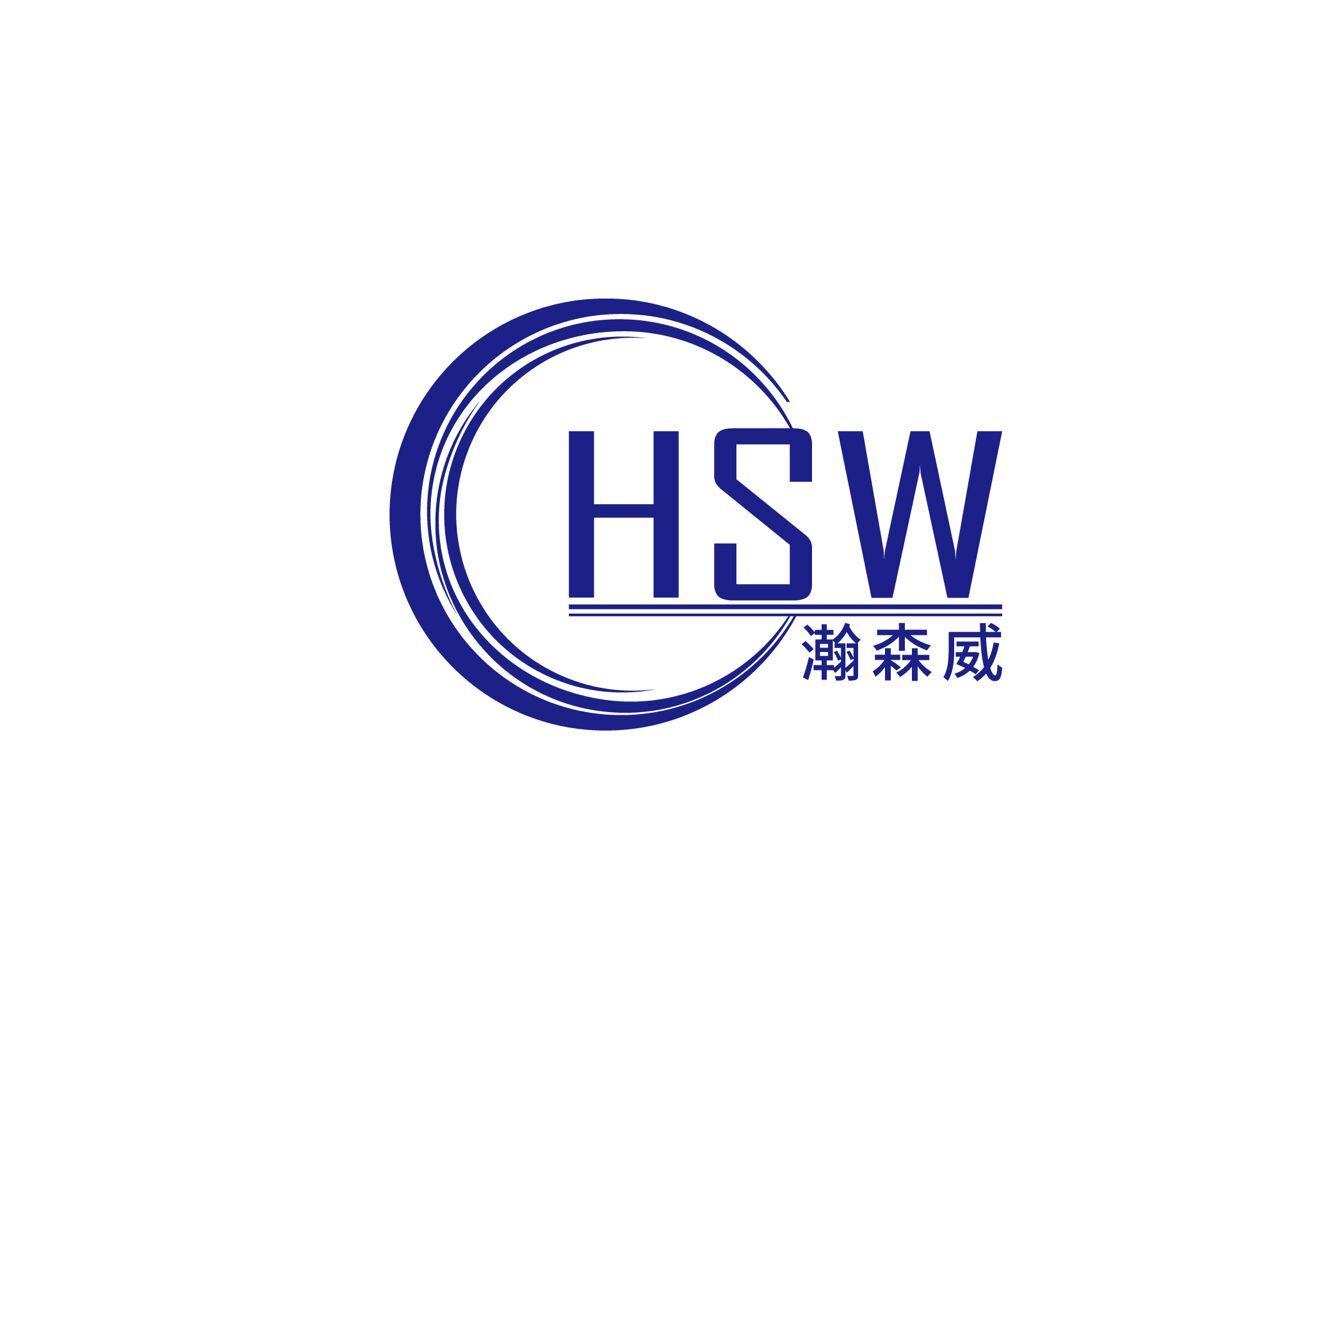 苏州瀚森威自动化科技有限公司